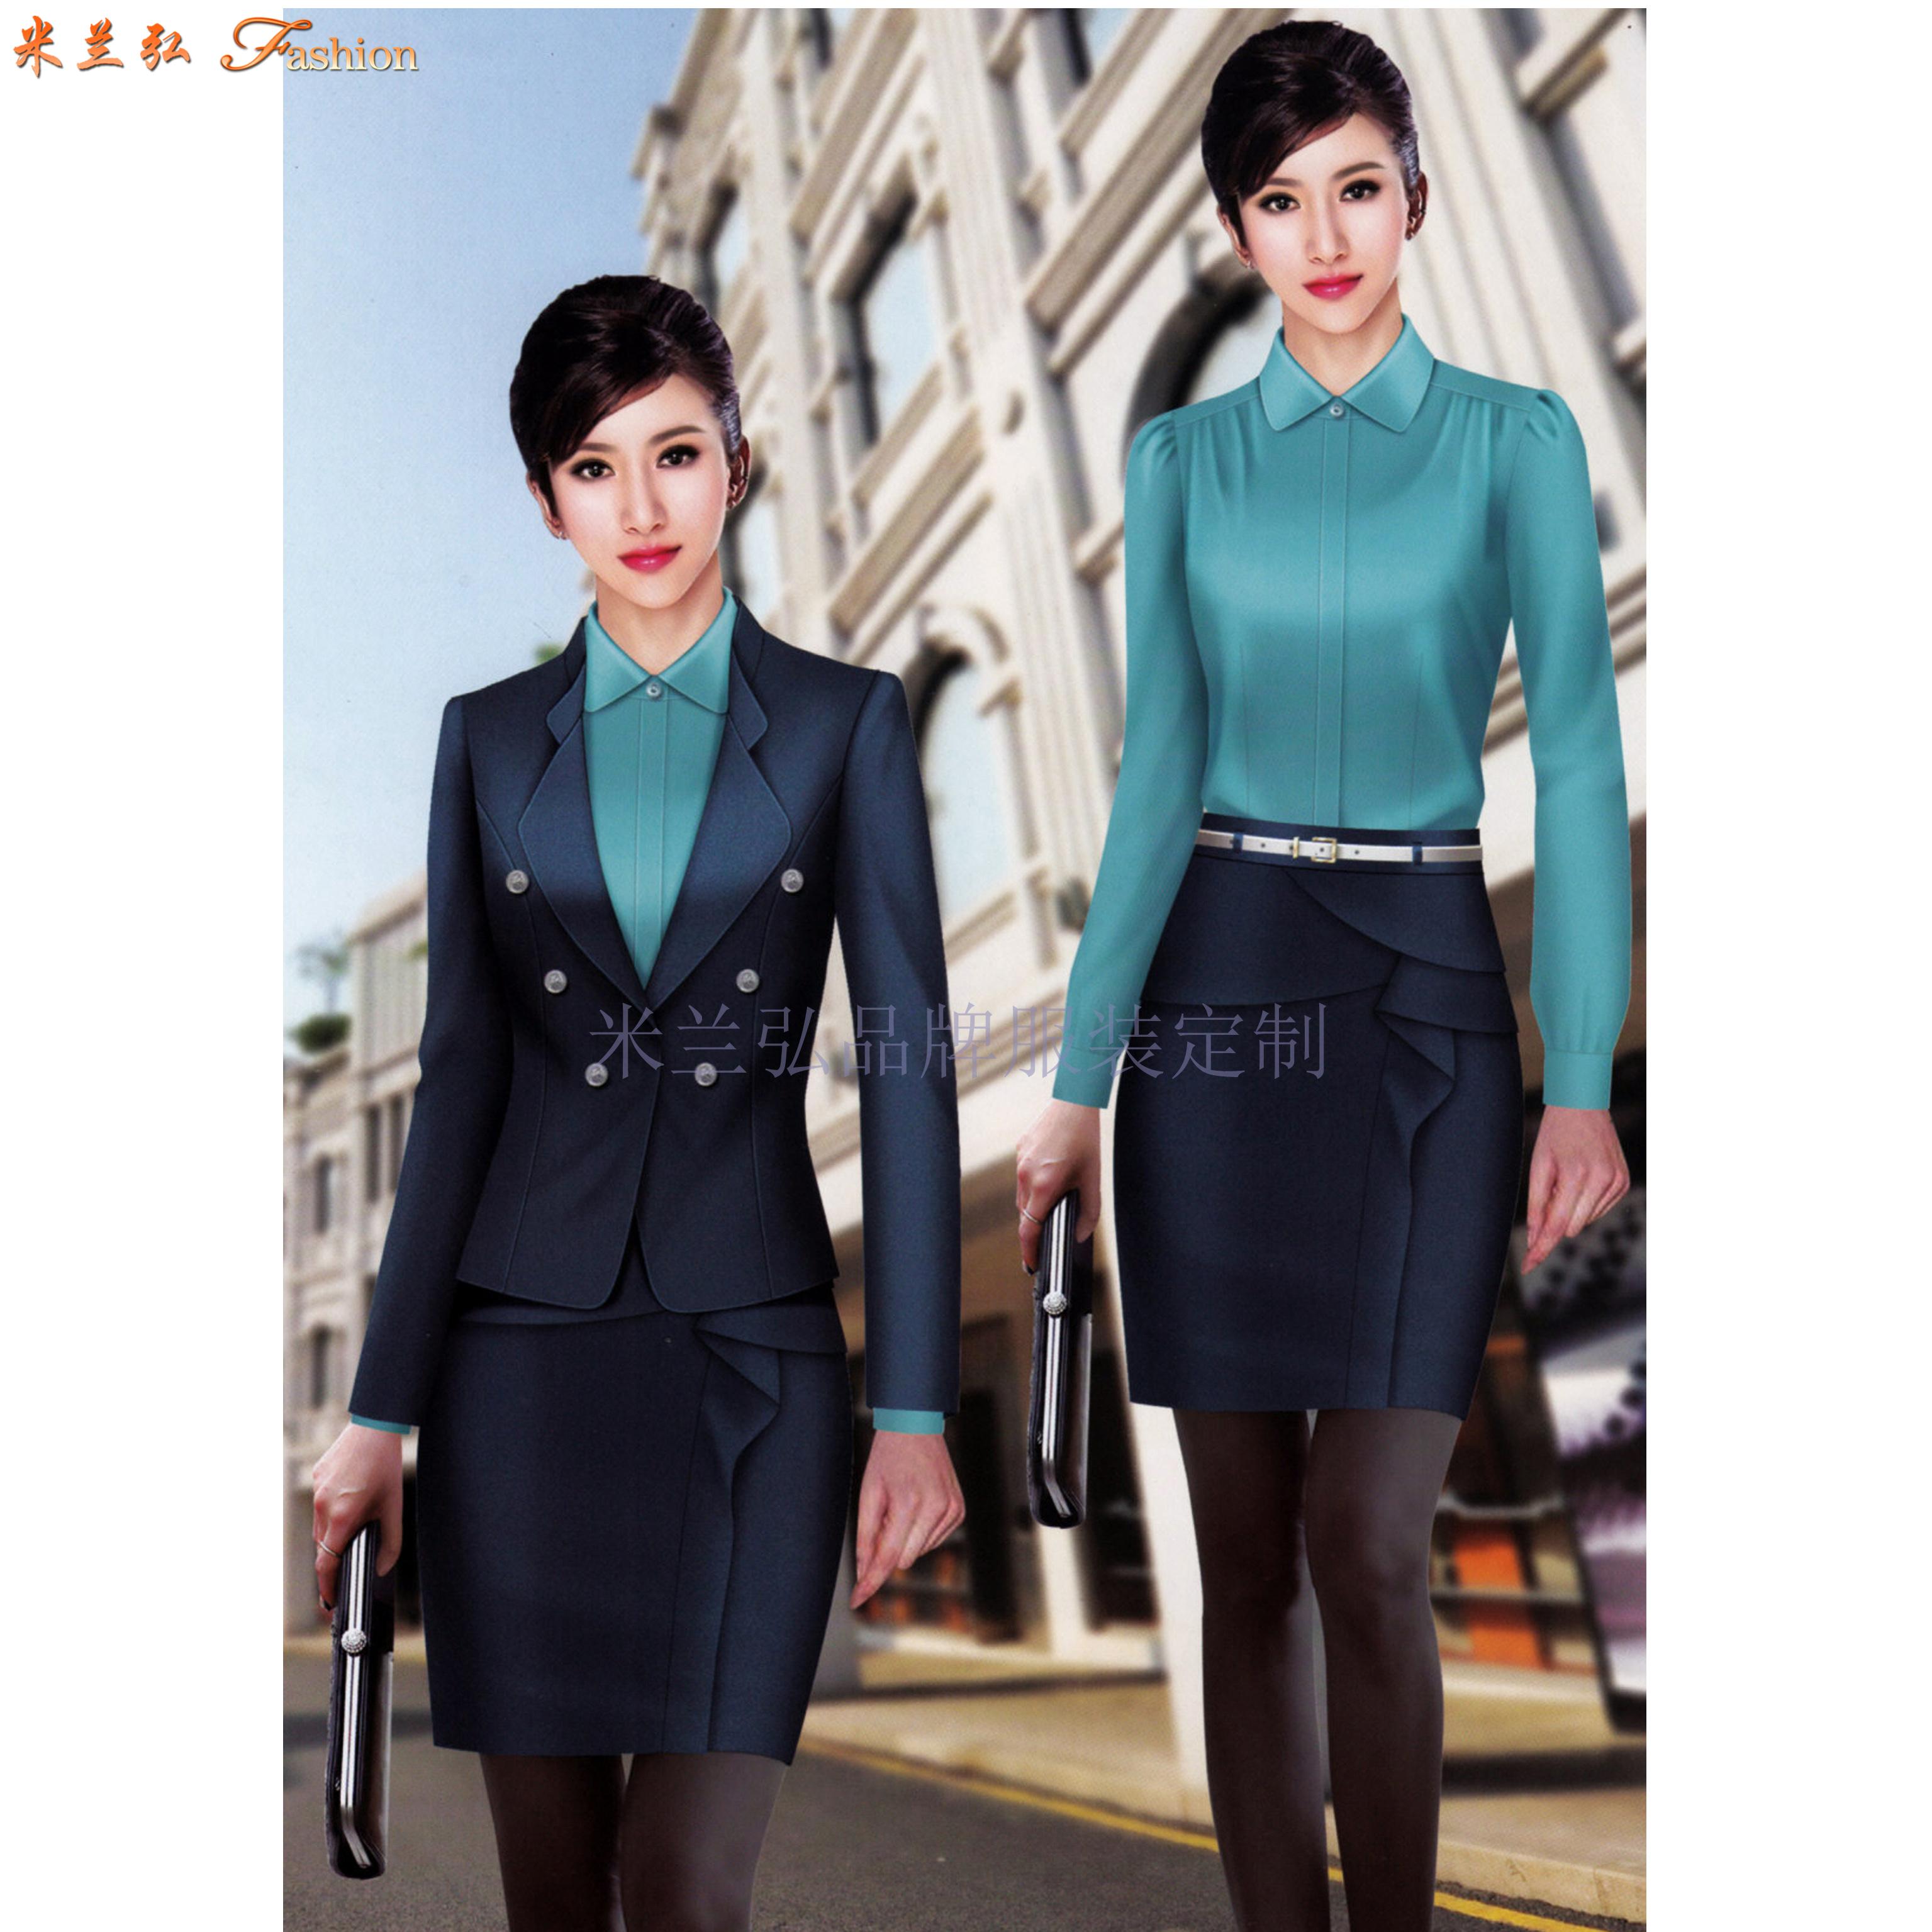 北京女士職業裝定制及北京時尚職業裝定做_北京通勤職業裝訂制-4